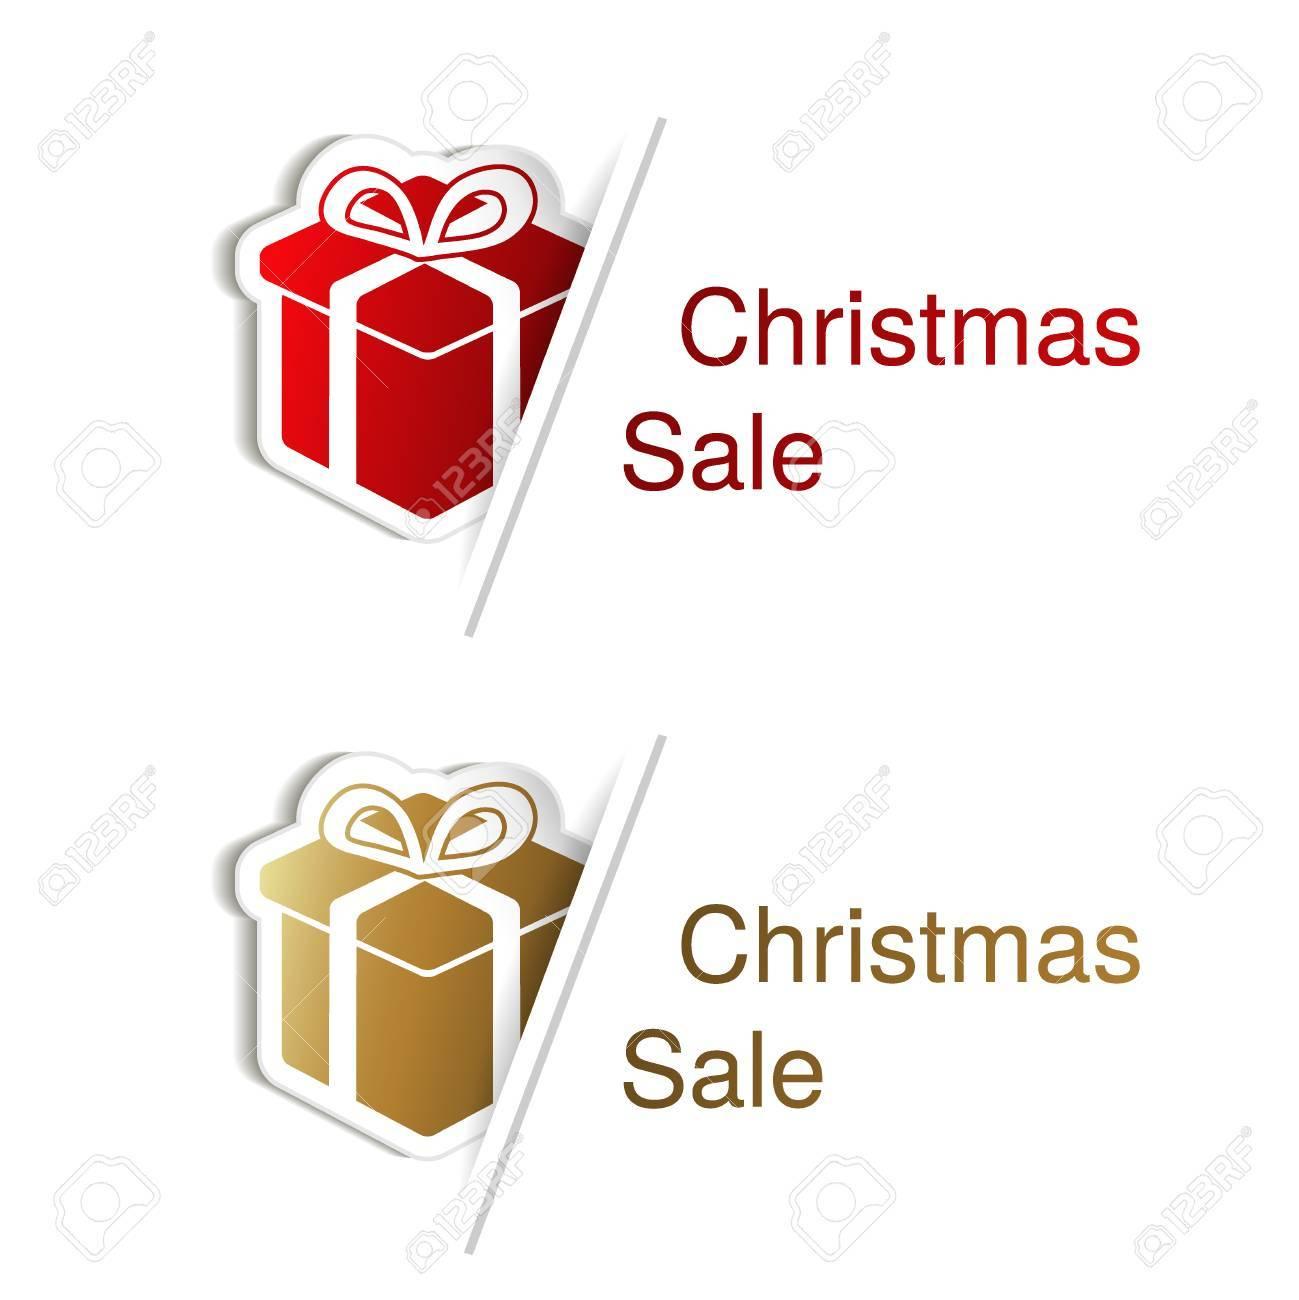 Vecteur Rouge Et Or Cadeau De Noël Avec L'étiquette Pour Le Texte De La  Publicité Sur Le Fond Blanc, Des Autocollants Avec L'ombre - Illustration destiné Etiquette Pour Cadeau De Noel